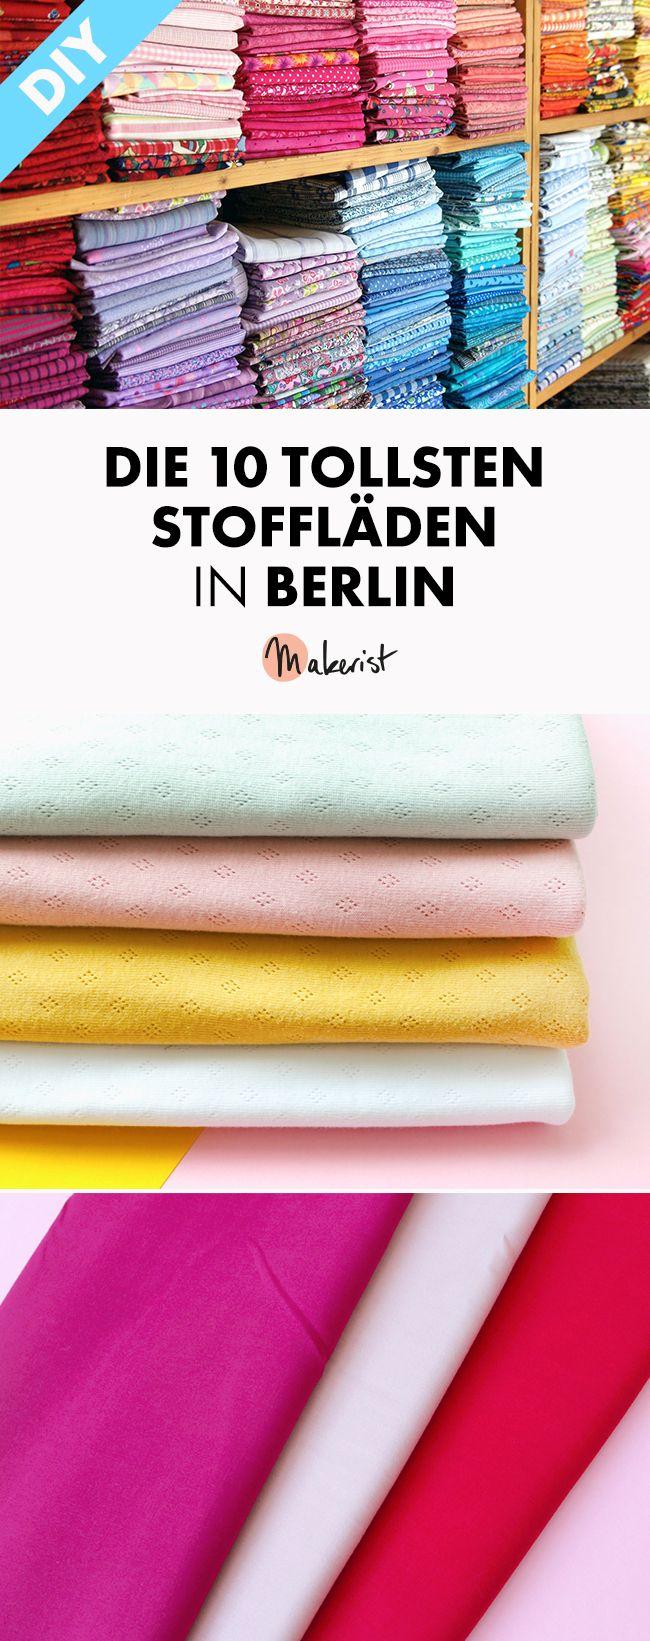 Die 10 tollsten Stoffläden in Berlin via Makerist Magazin #makerist #nähenmitmakerist #makeristdiy #nähen #stoffla